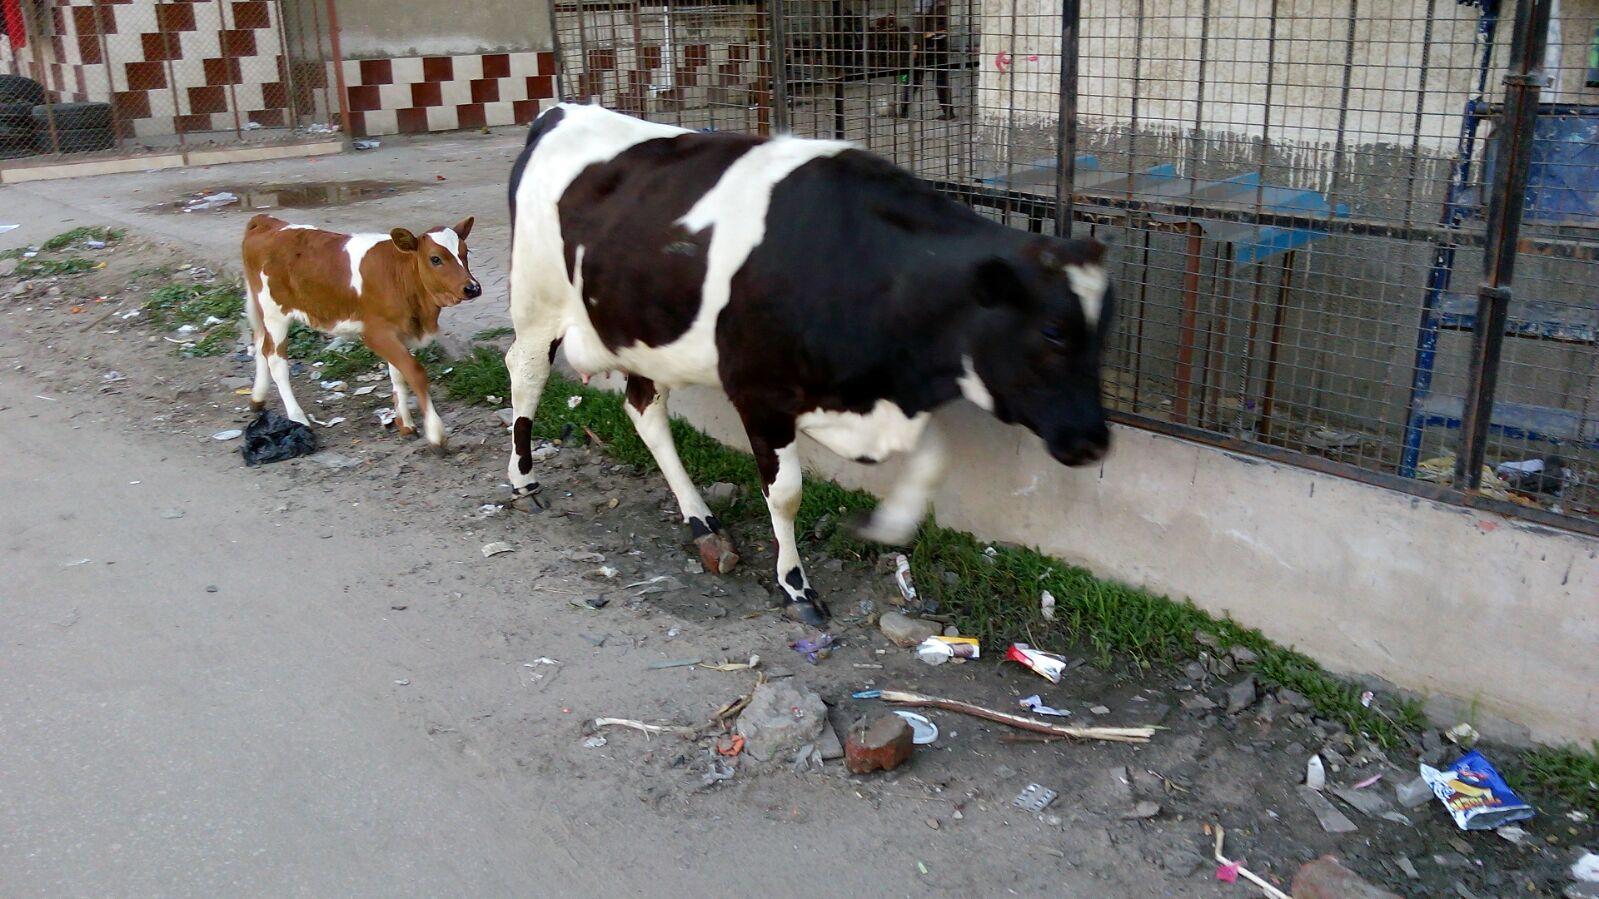 أبقار تتجول بشوارع بورسعيد.. وتتغذى على مخلفات القمامة